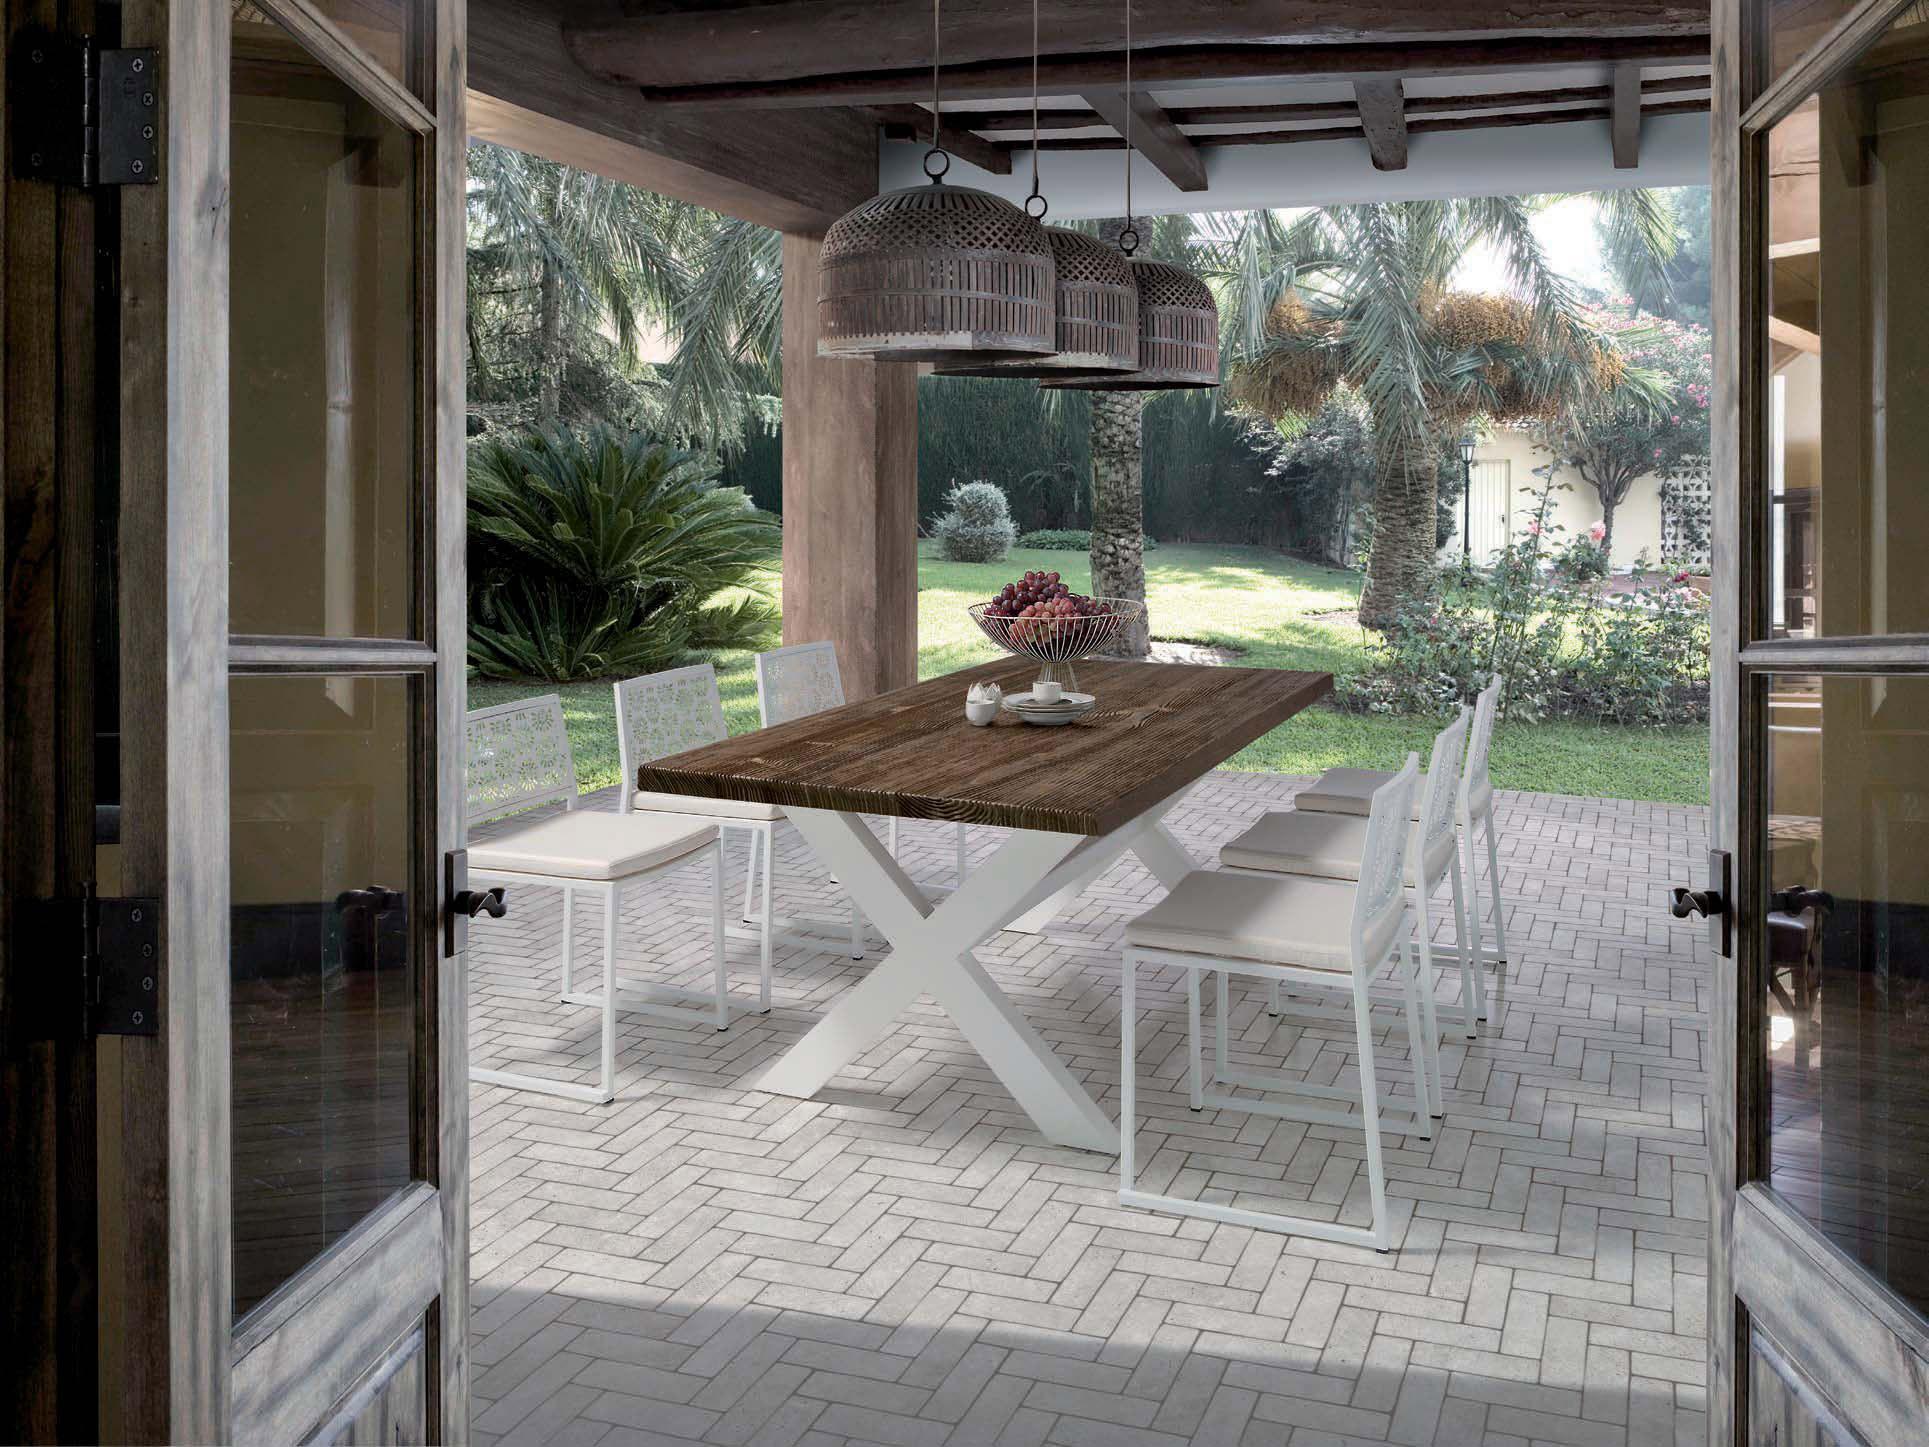 Mesas comedor con aire r stico villalba interiorismo for Interiorismo rustico